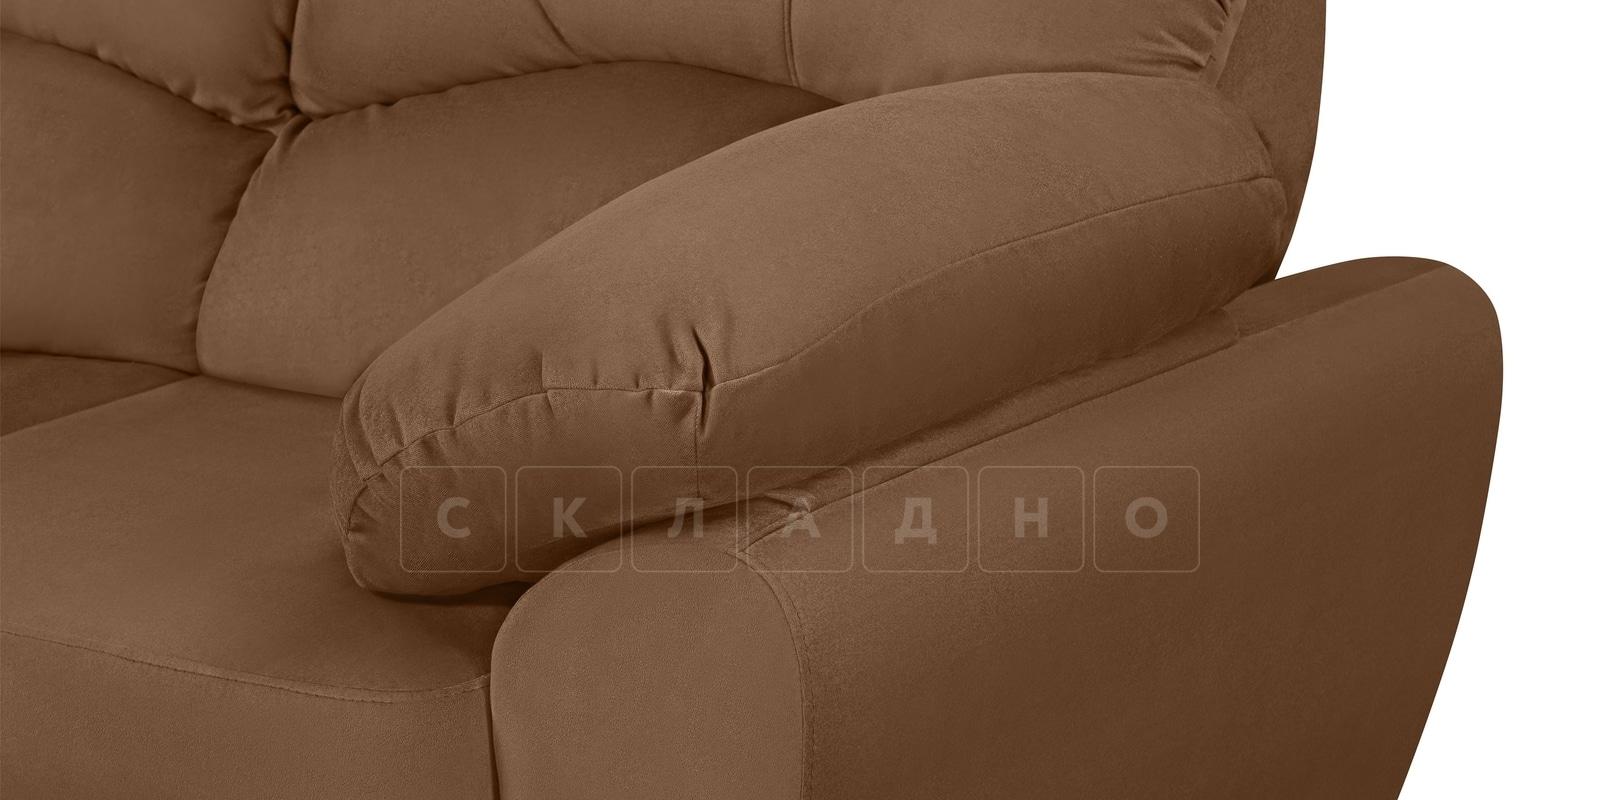 Угловой диван Эвита велюр коричневый левый угол фото 5 | интернет-магазин Складно